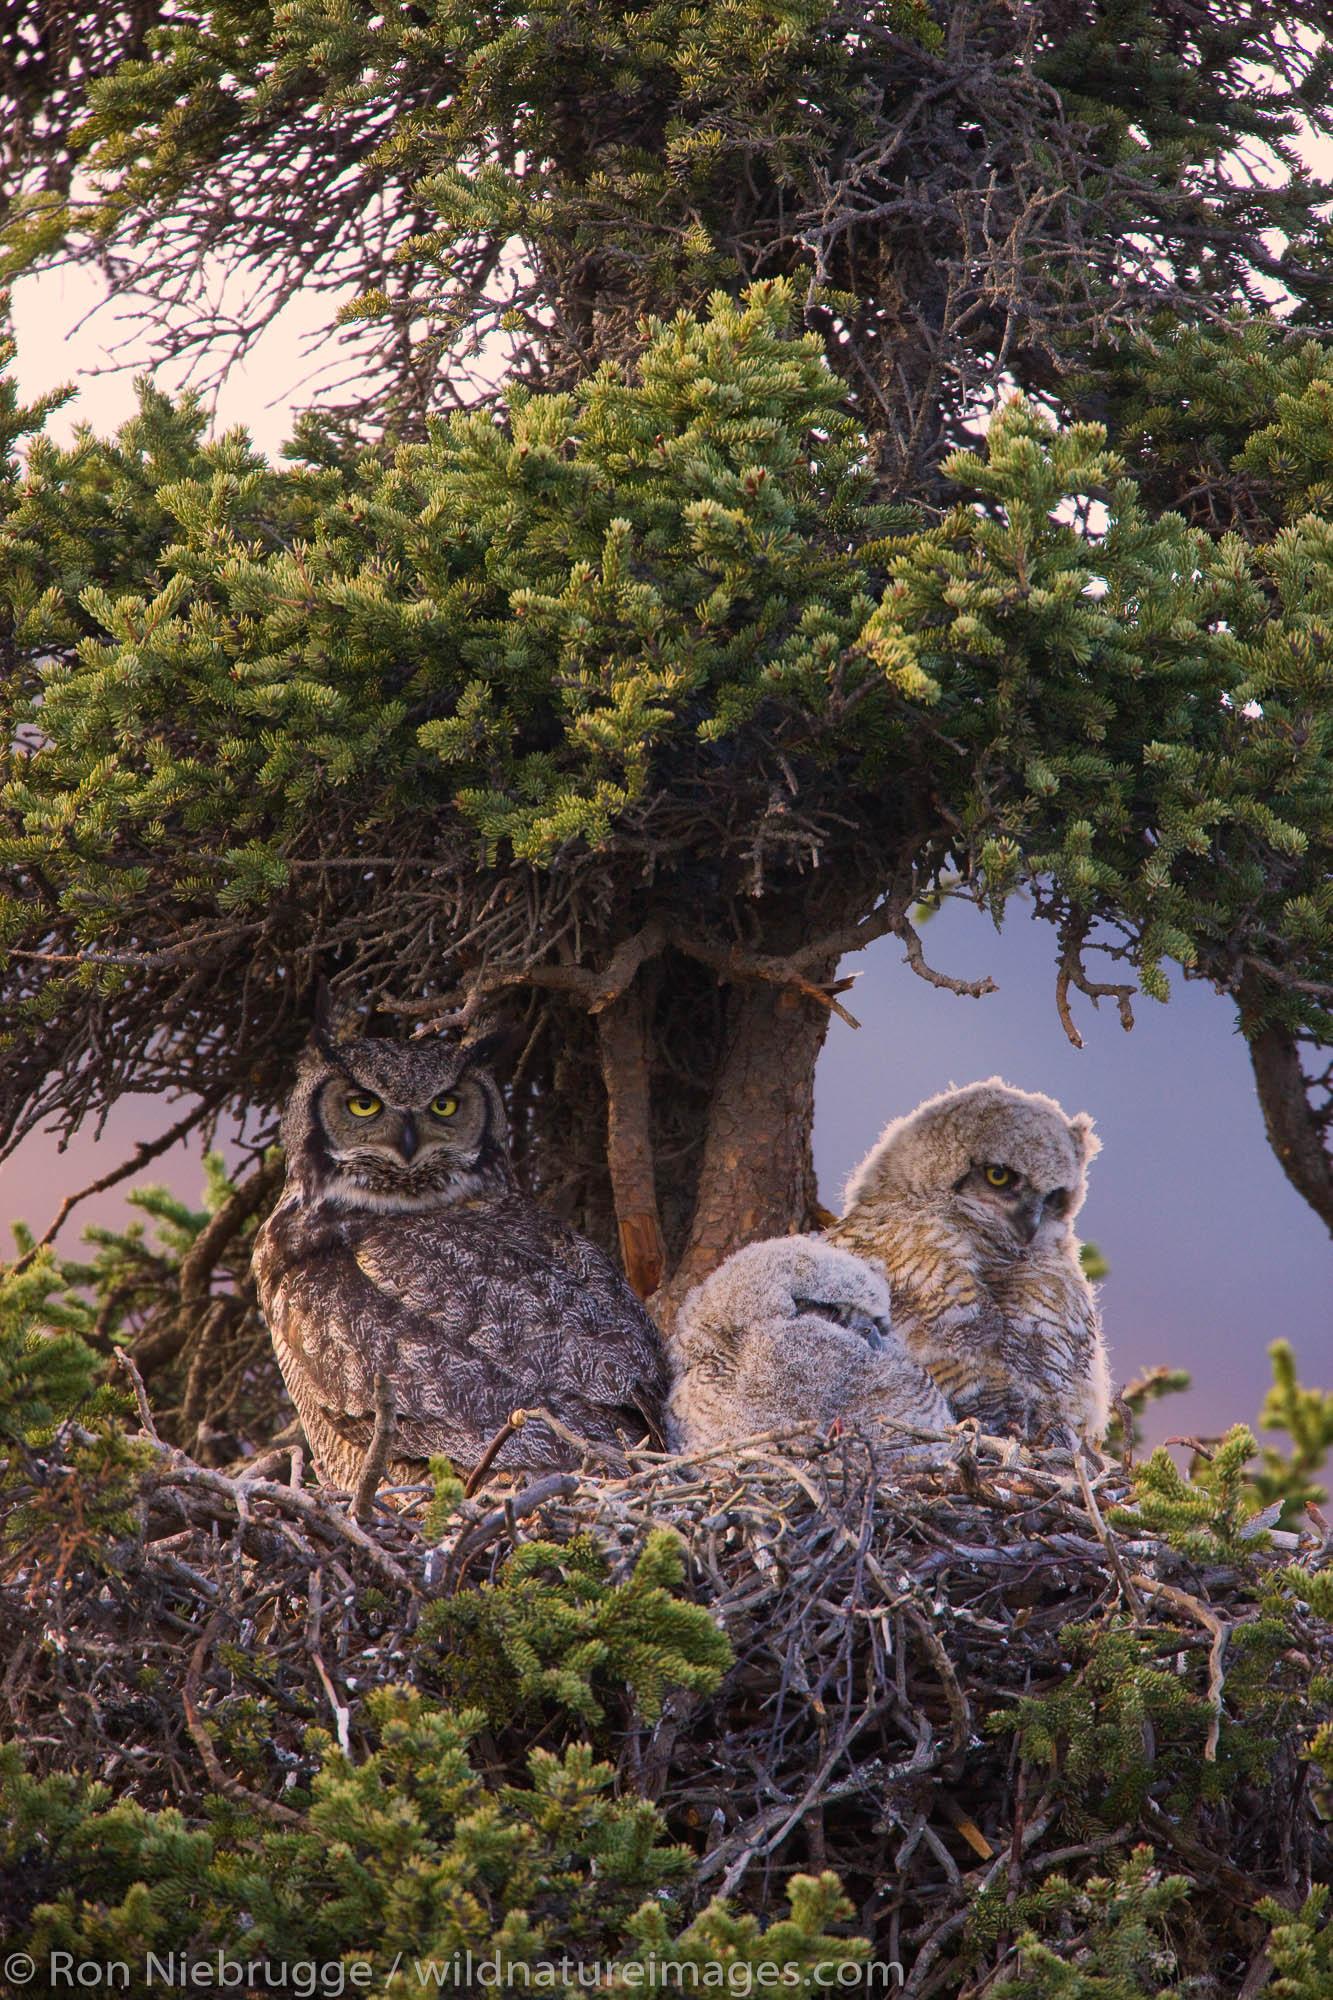 Great Horned Owl nest, Denali National Park, Alaska.